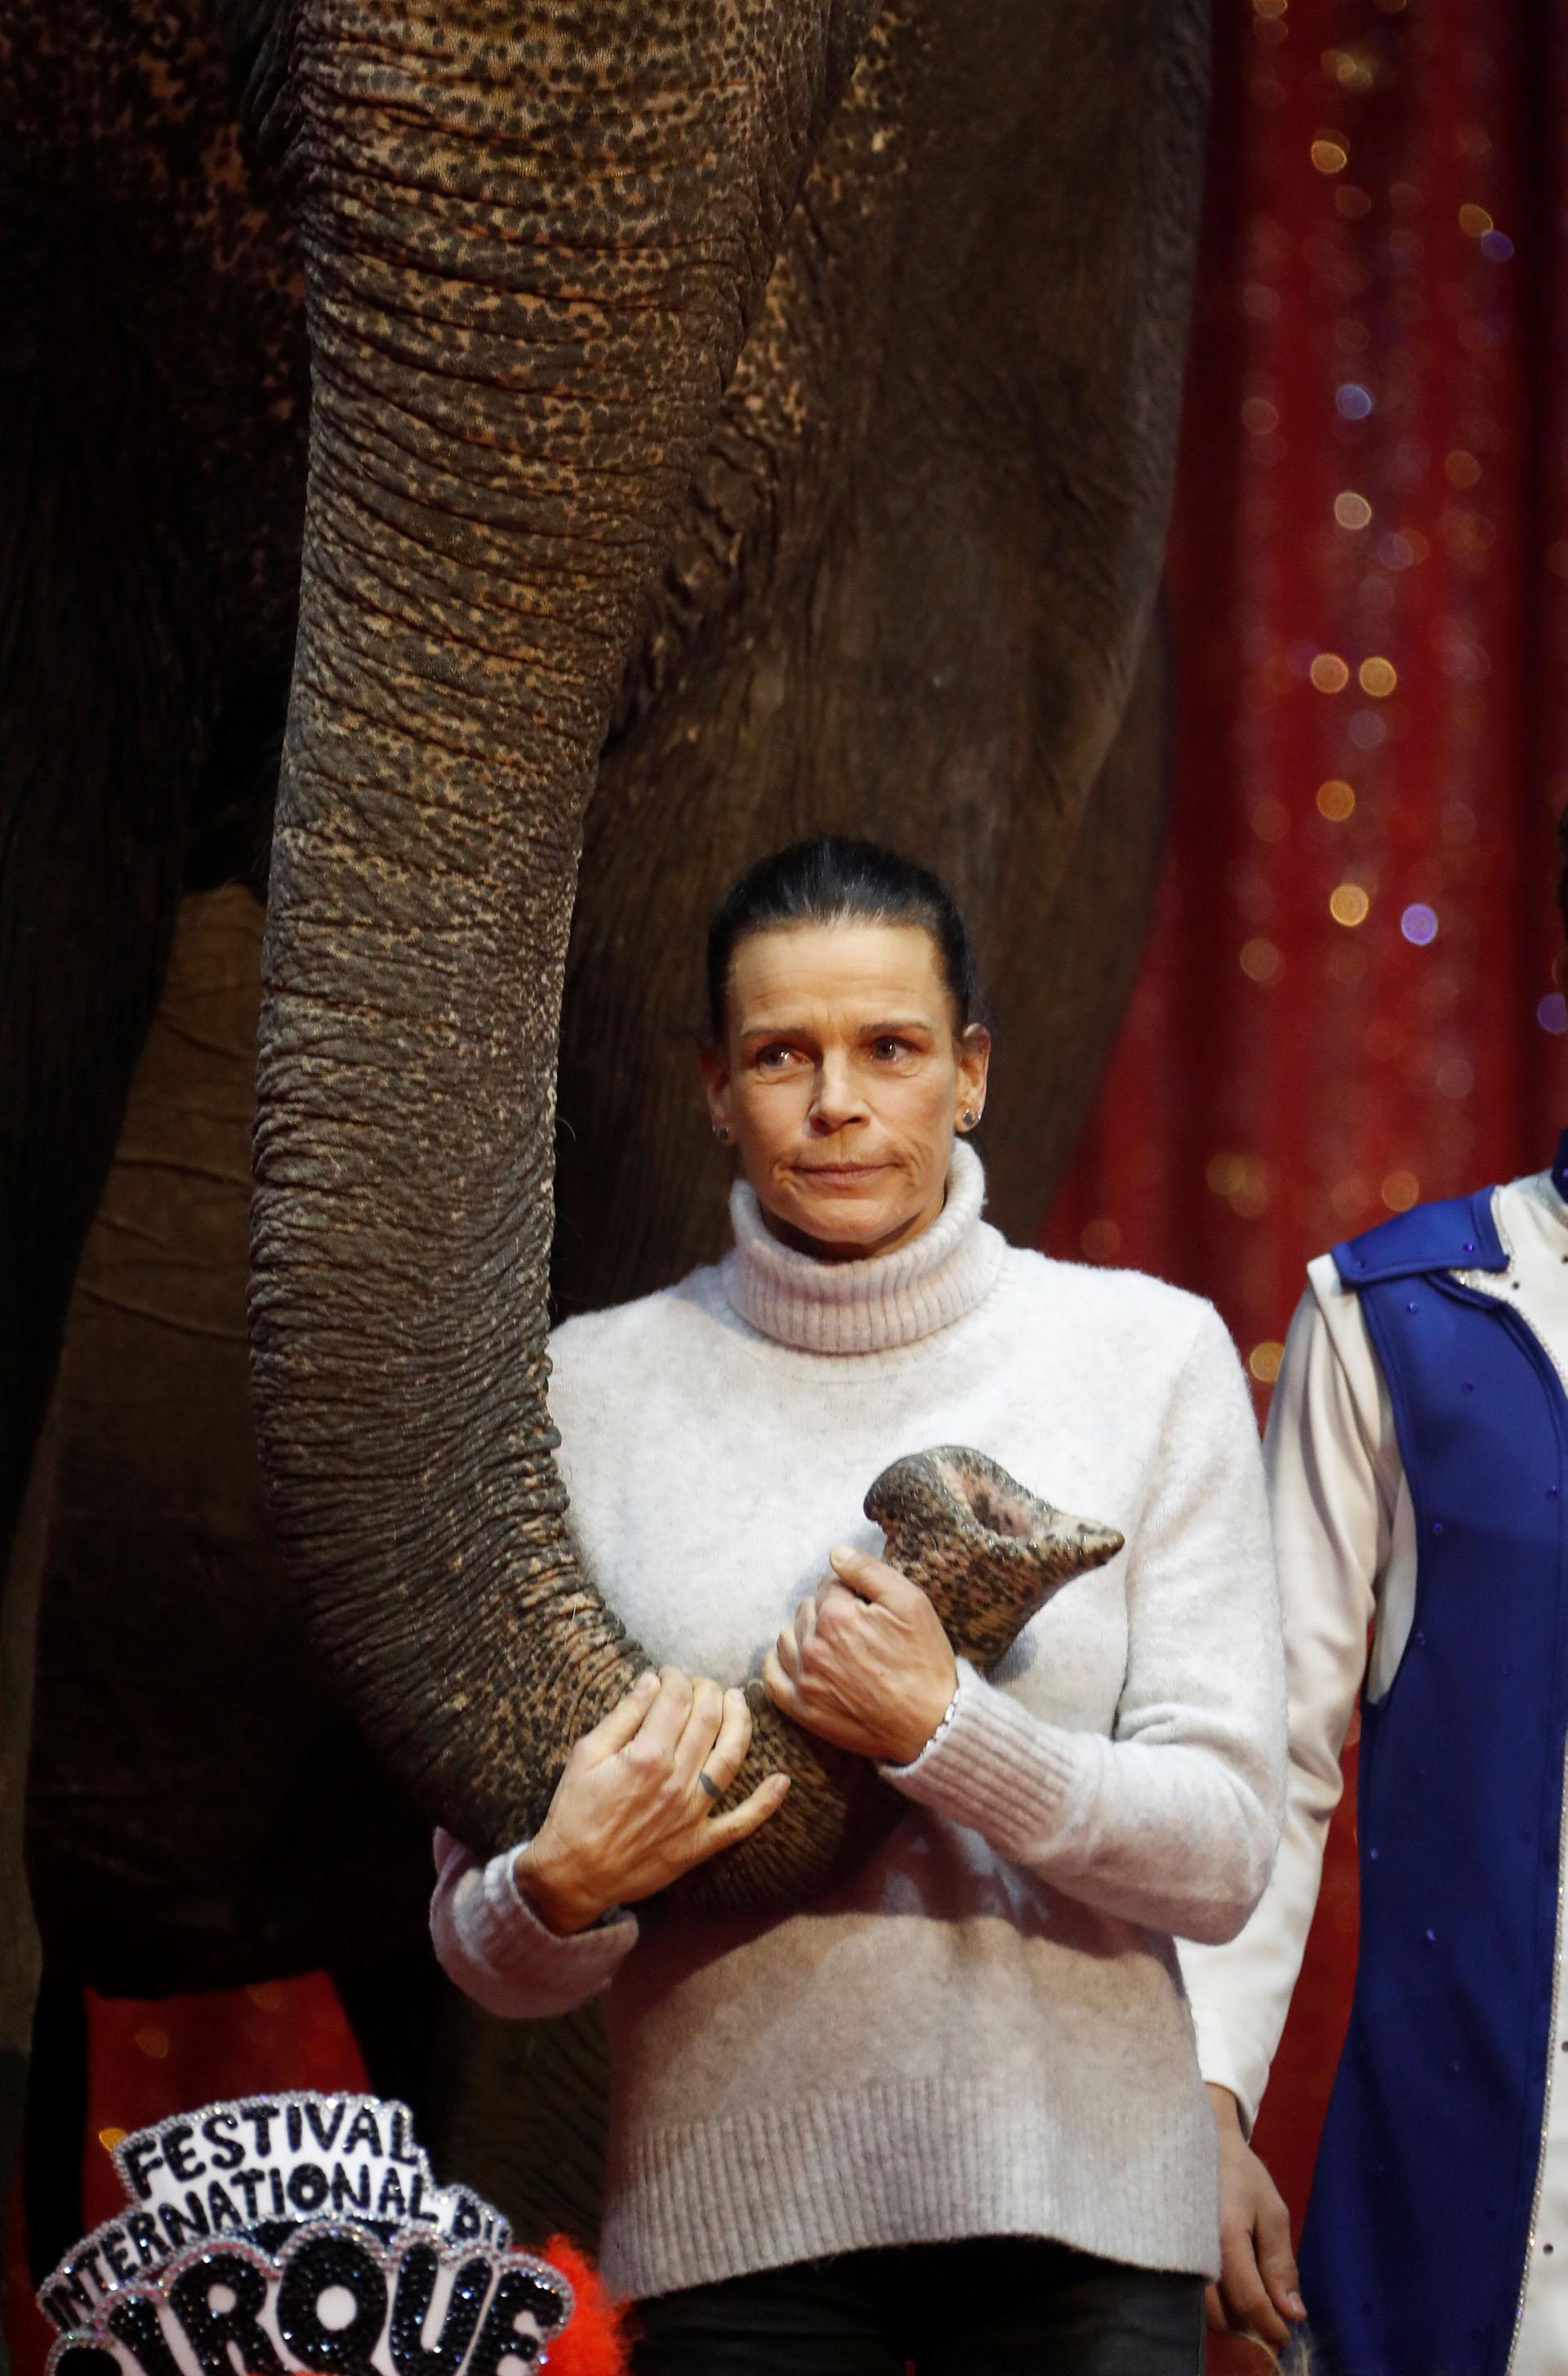 En 2003, se casó con Adans Peres, un acróbata portugués